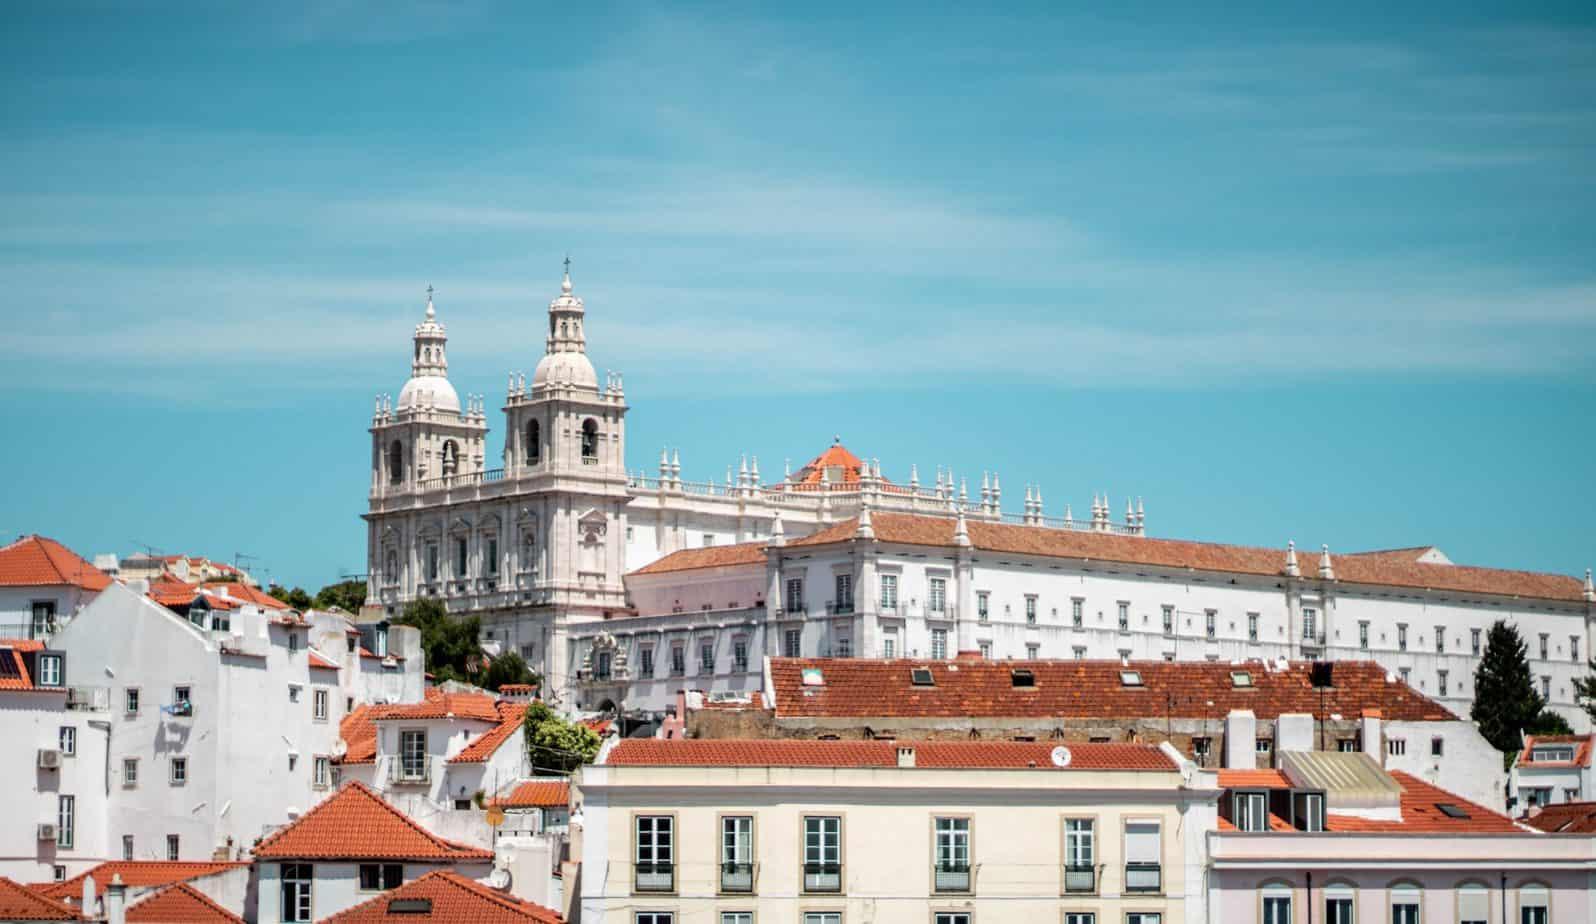 mestrado em inovacao tise portugal nova de lisboa